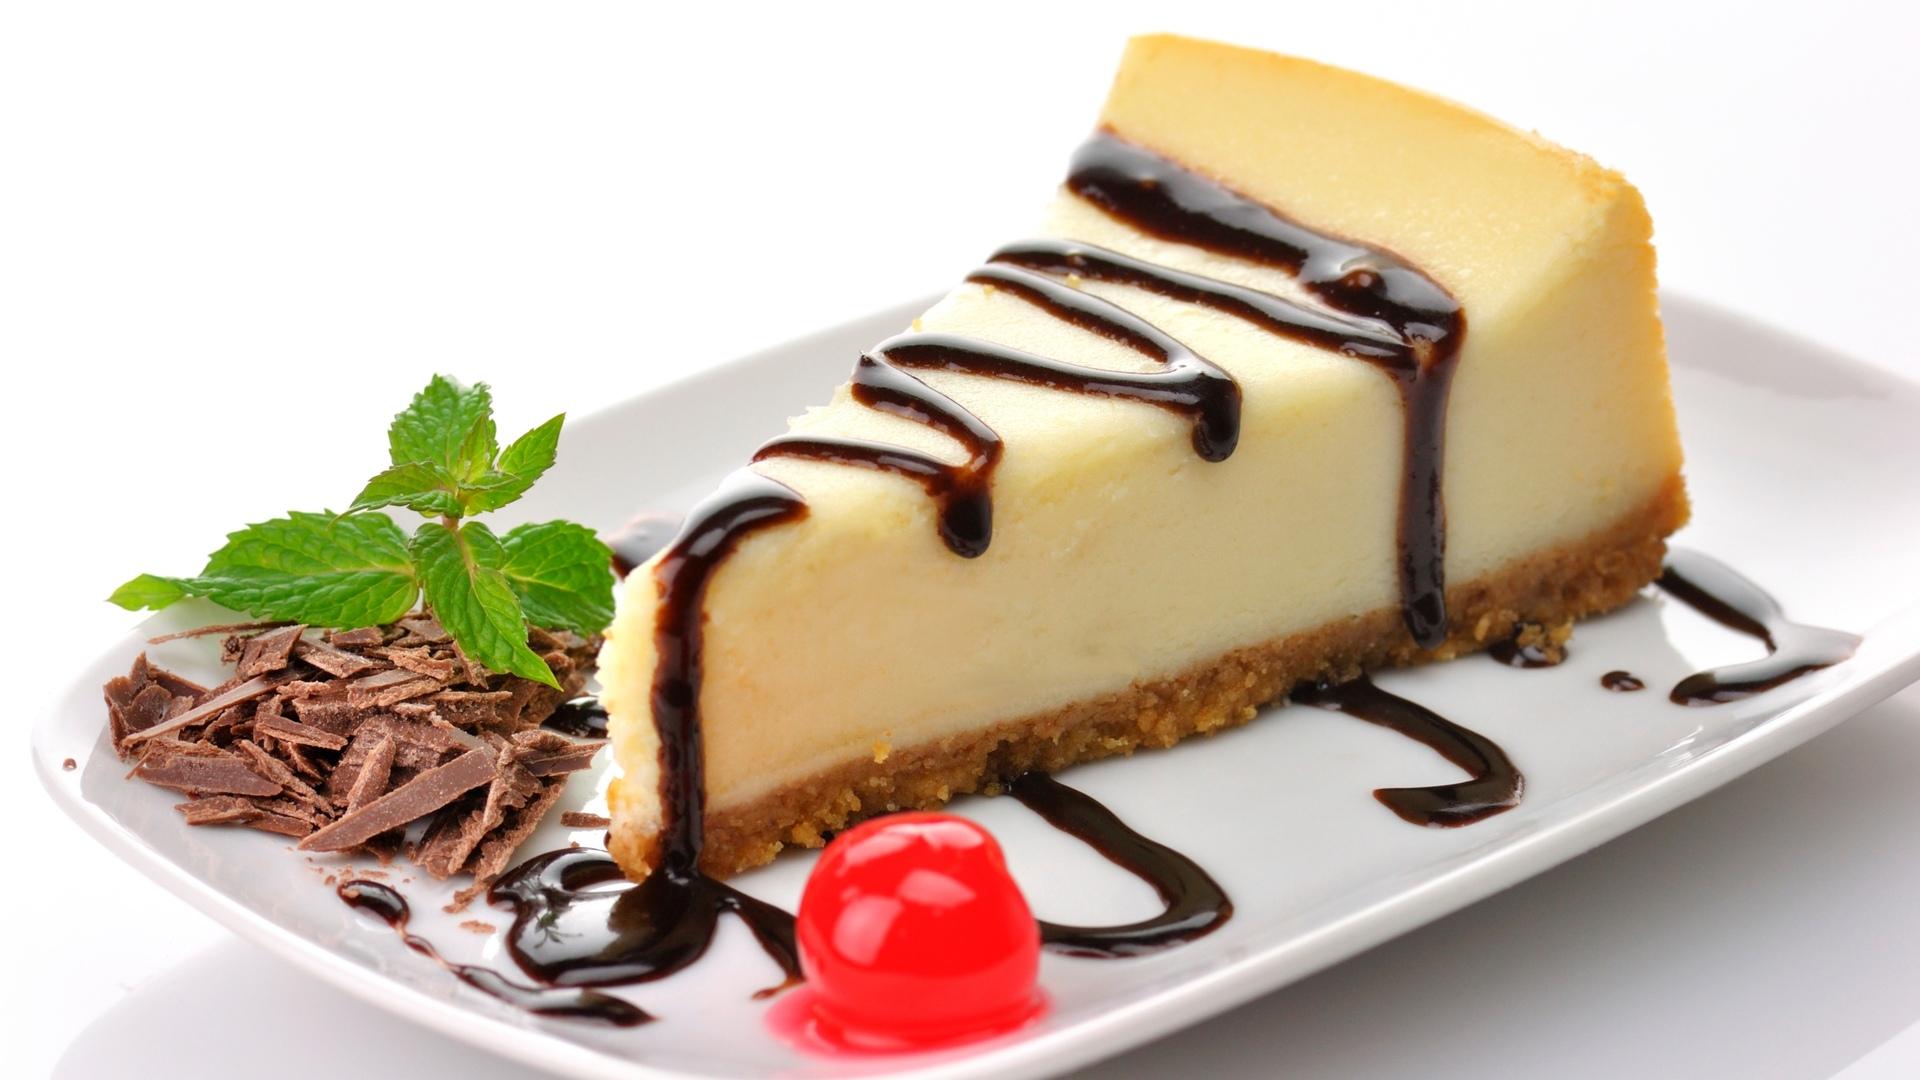 Чизкейк. Этот аппетитный десерт был создан в Америке. Сегодня данный десерт стал очень популярен во